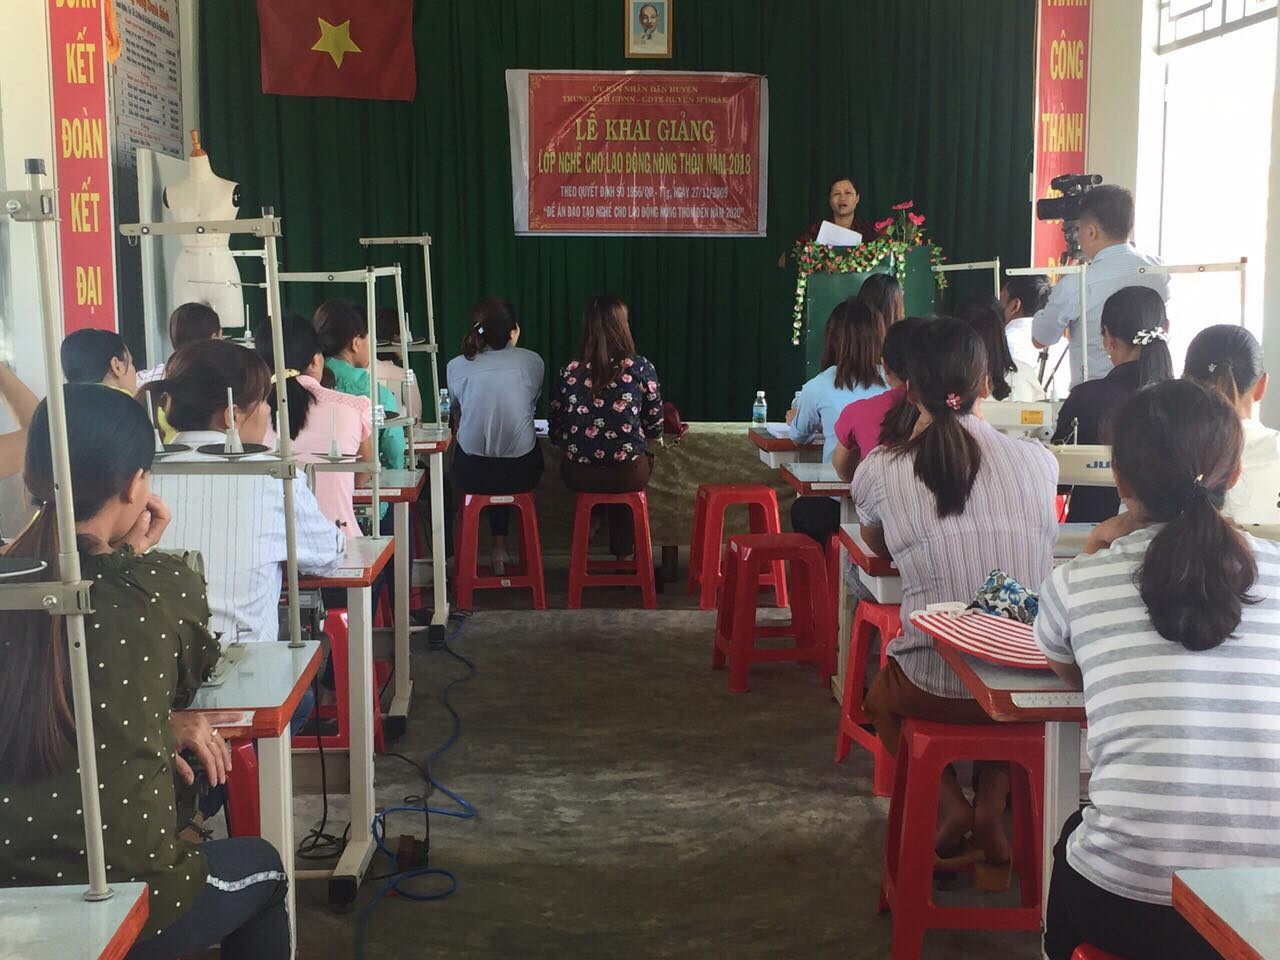 Hội liên hiệp Phụ nữ huyện M'Drắk tổ chức lớp dạy nghề cho lao động nữ nông thôn năm 2018